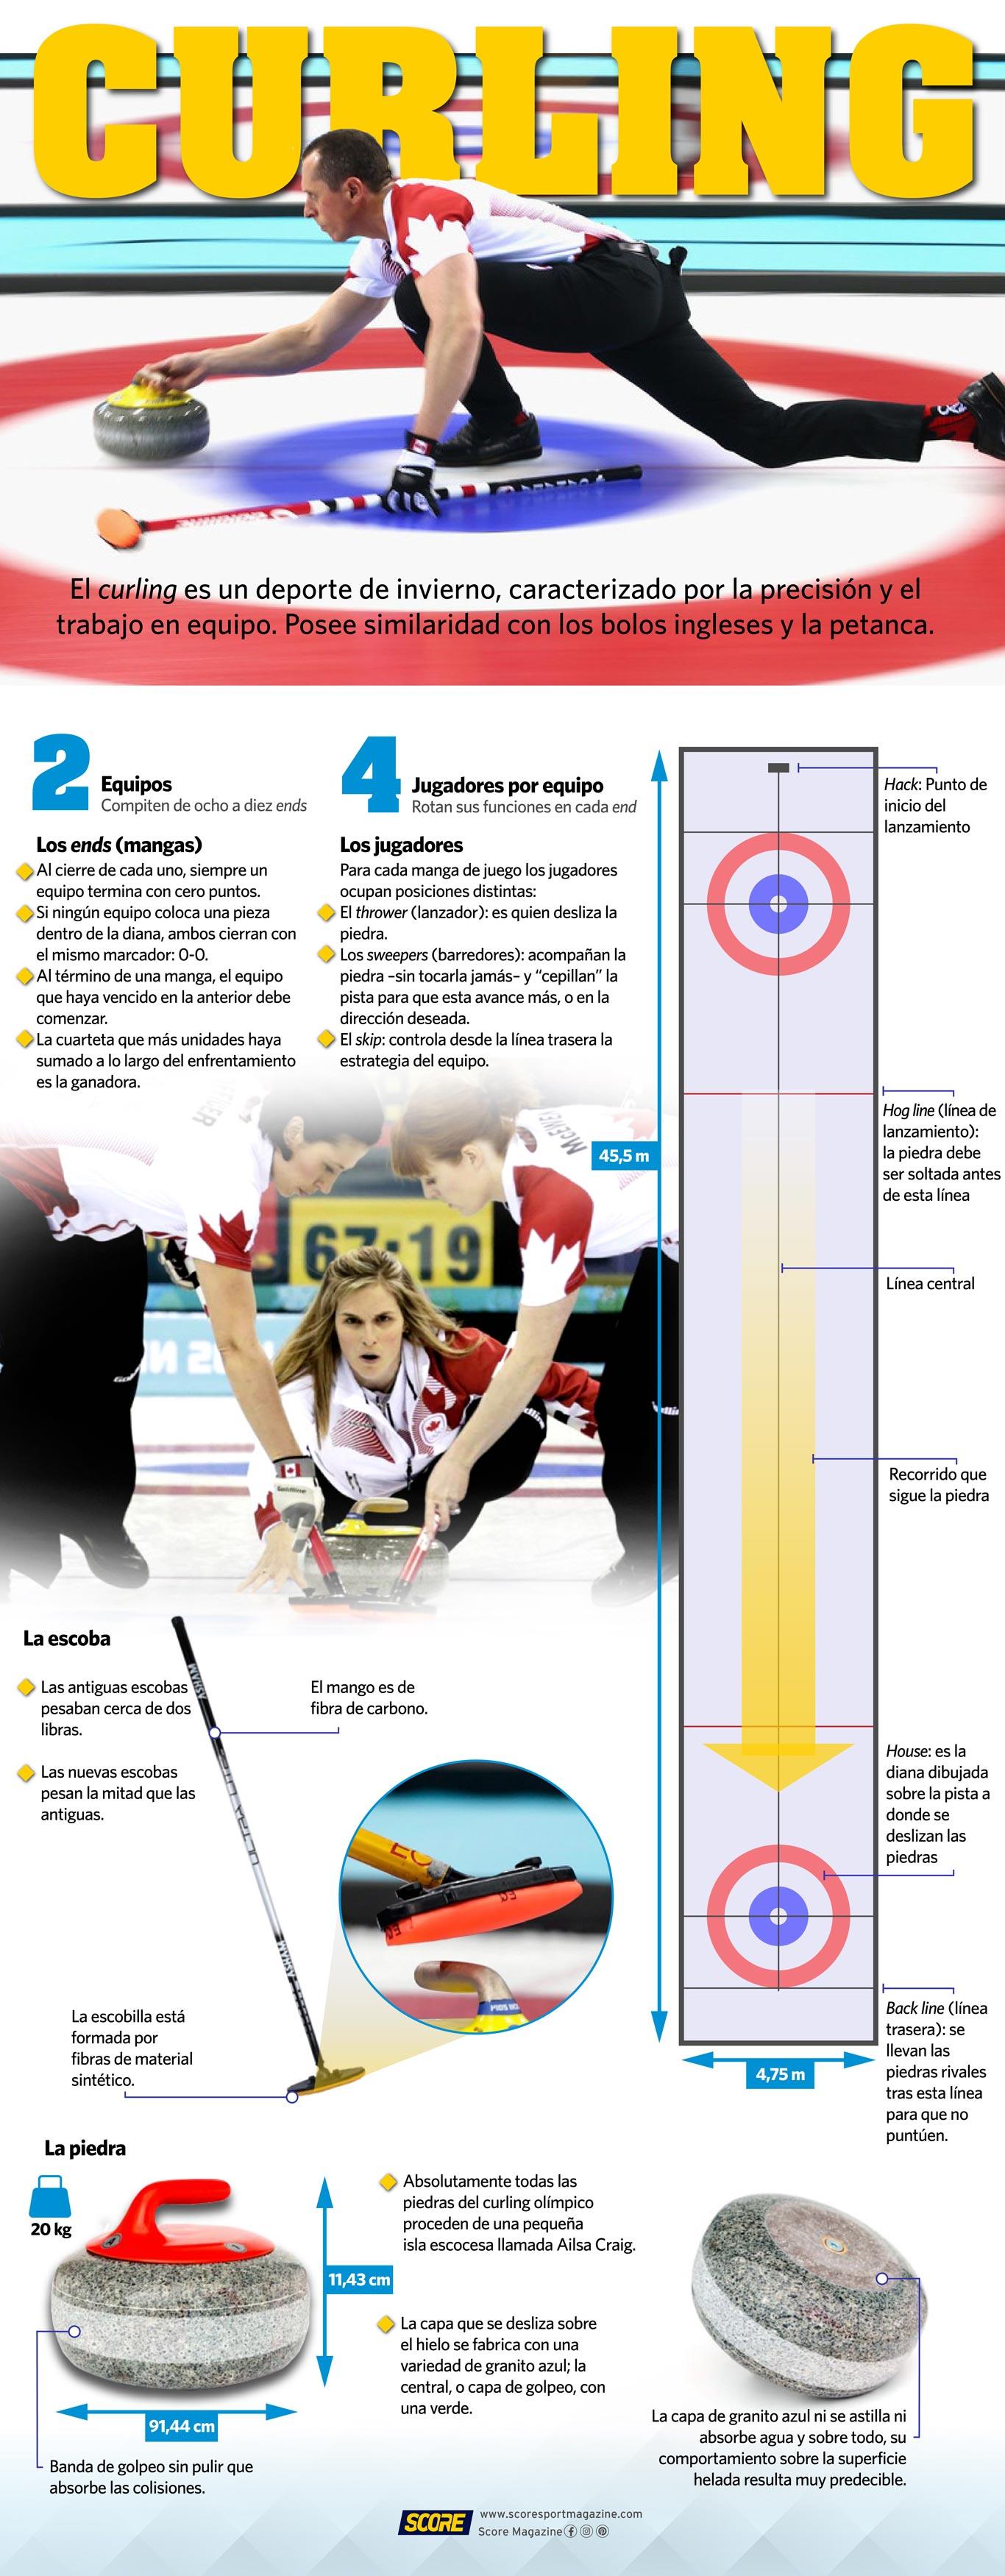 Infografía sobre el curling